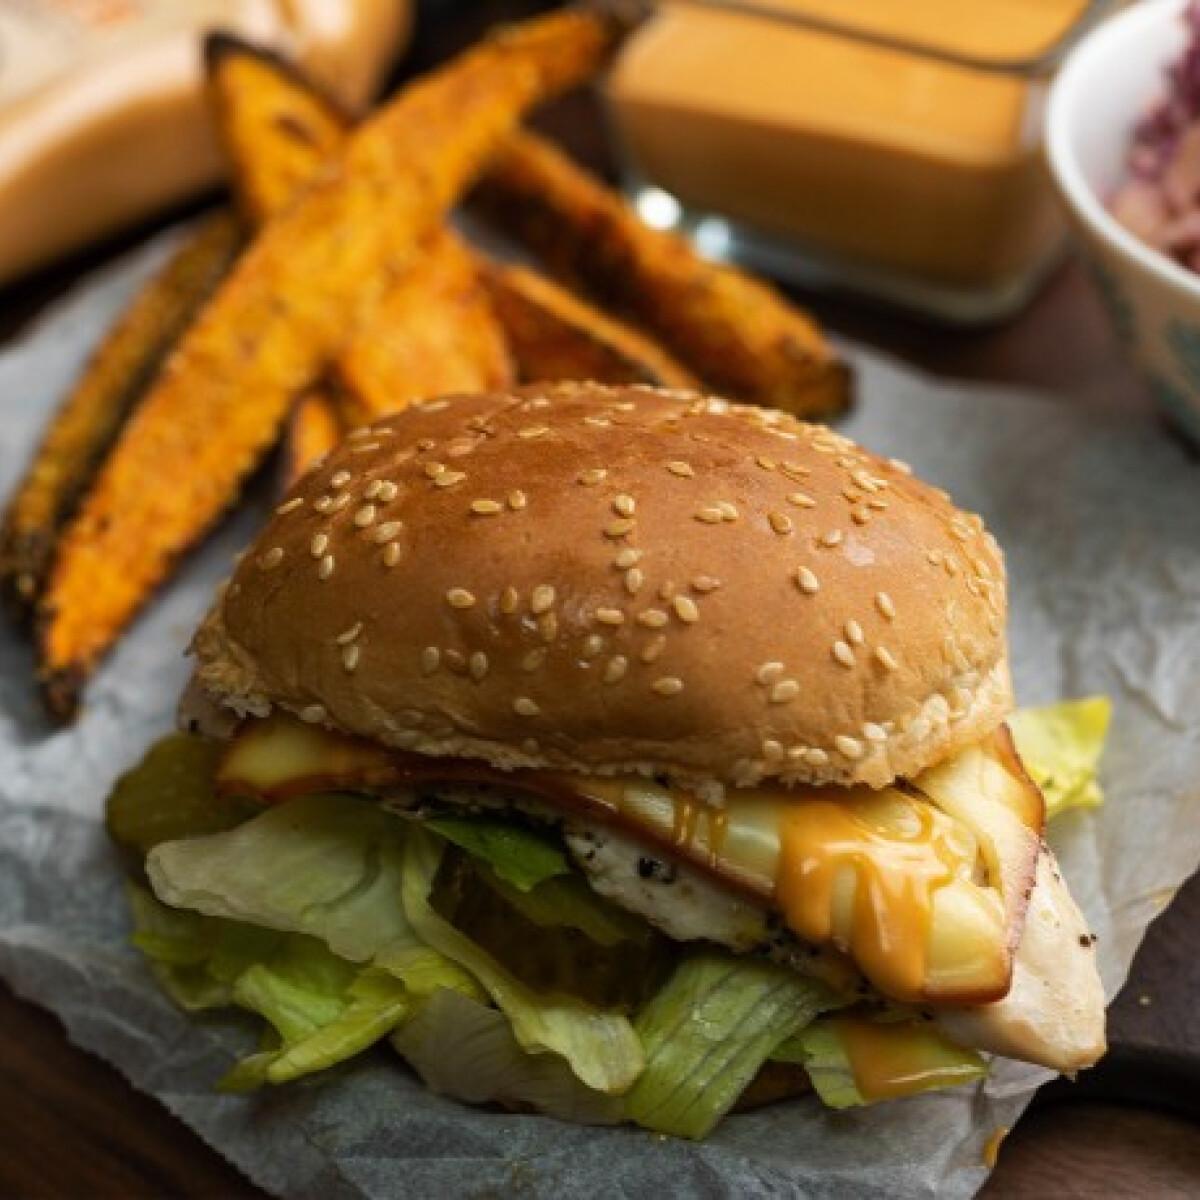 Zöldséges-csirkés burger pirított édesburgonya-hasábokkal